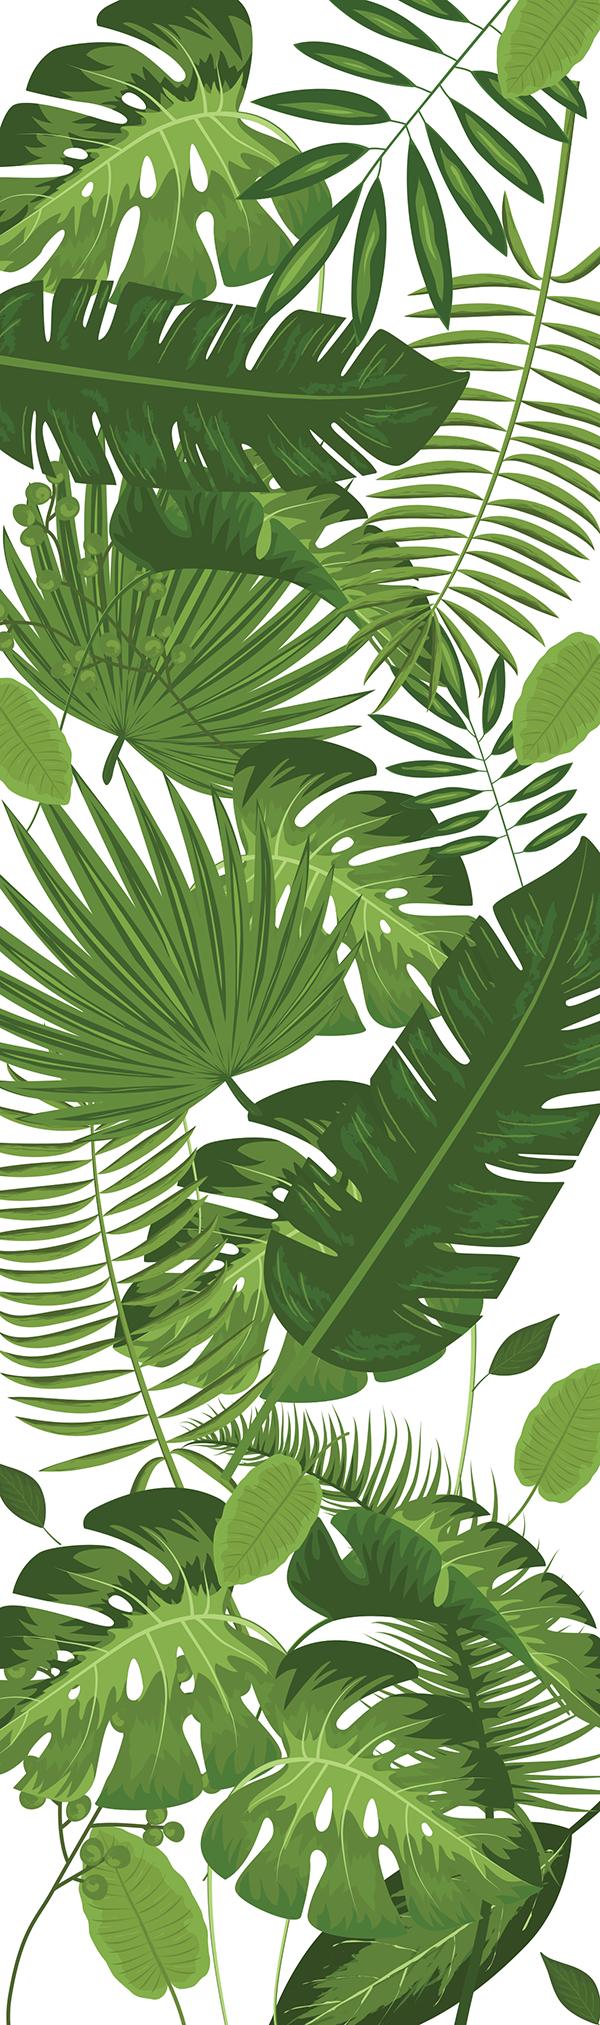 TenStickers. Adesivo para frigorífico com árvores da selva. Decore os seus eletrodomésticos com este adesivo para frigorífico com árvores da selva dando-lhes um toque tropical com imagens de plantas.